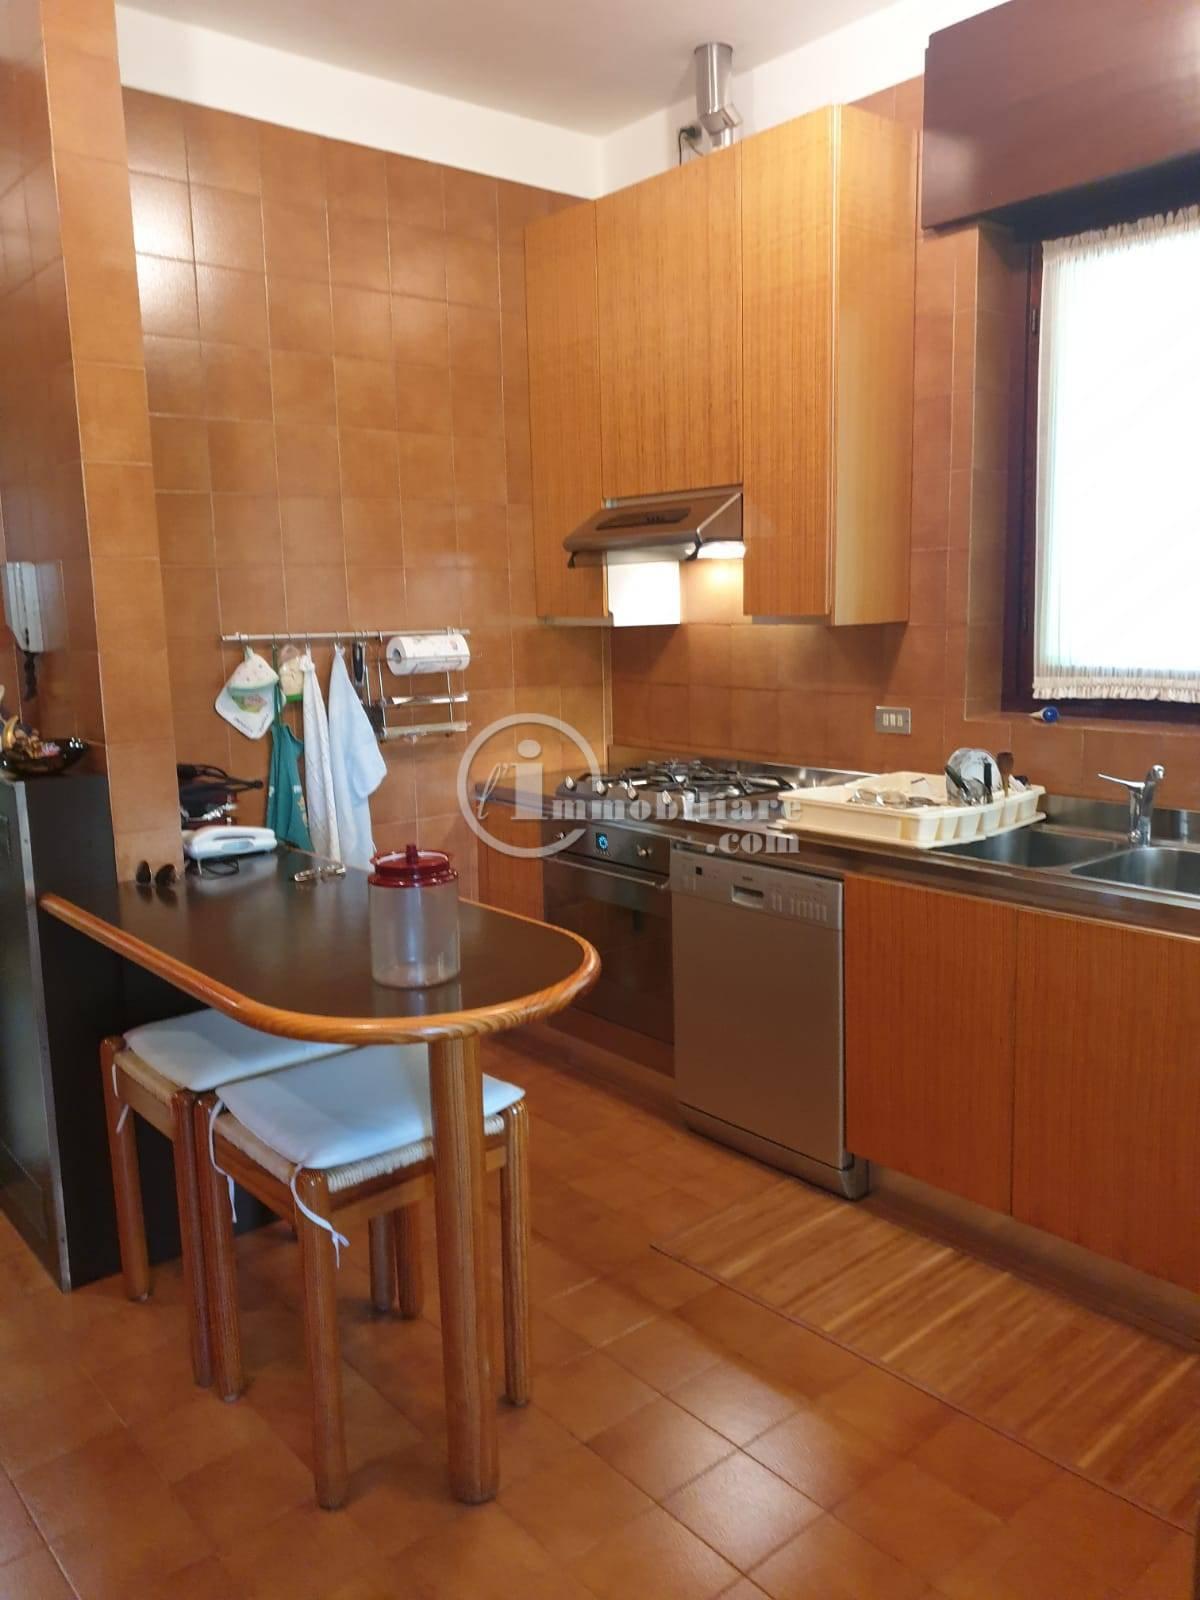 Villa in Vendita a Trezzano Sul Naviglio: 5 locali, 280 mq - Foto 21